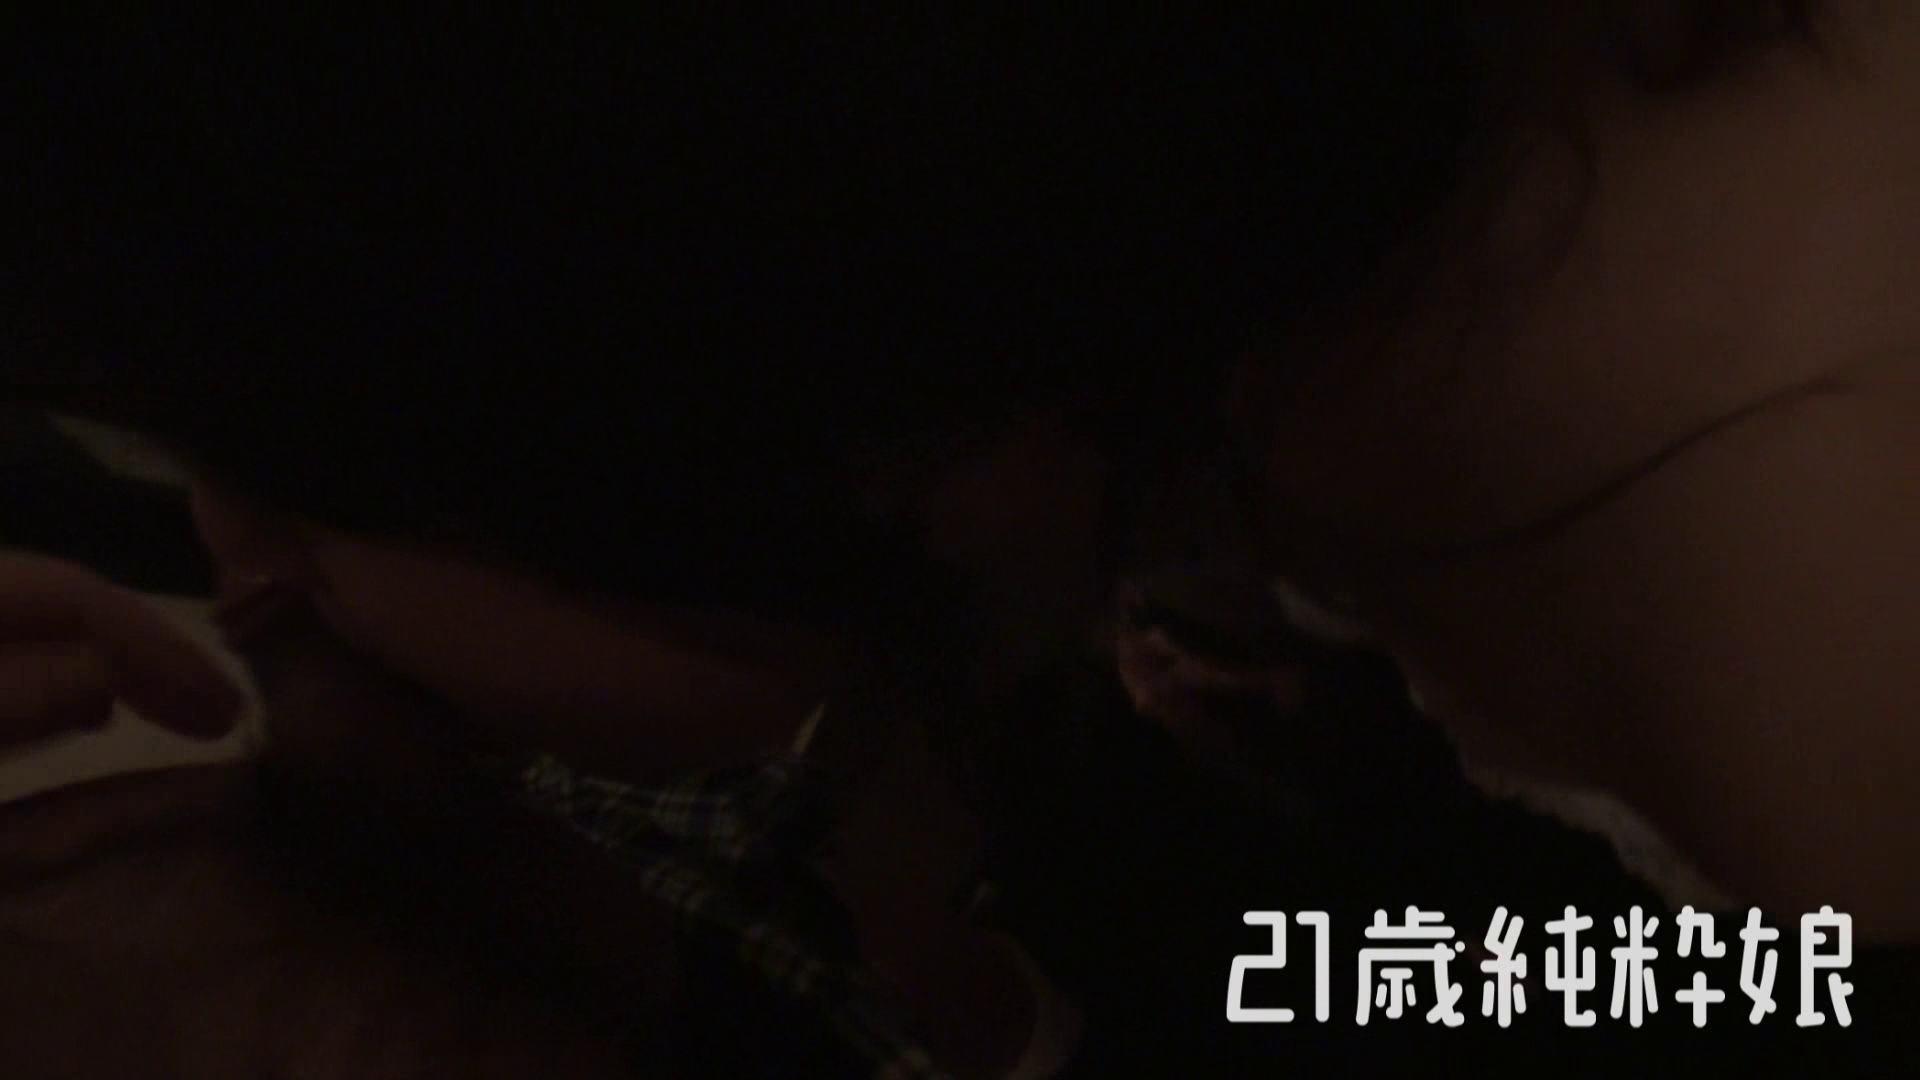 無修正エロ動画|上京したばかりのGカップ21歳純粋嬢を都合の良い女にしてみた|大奥